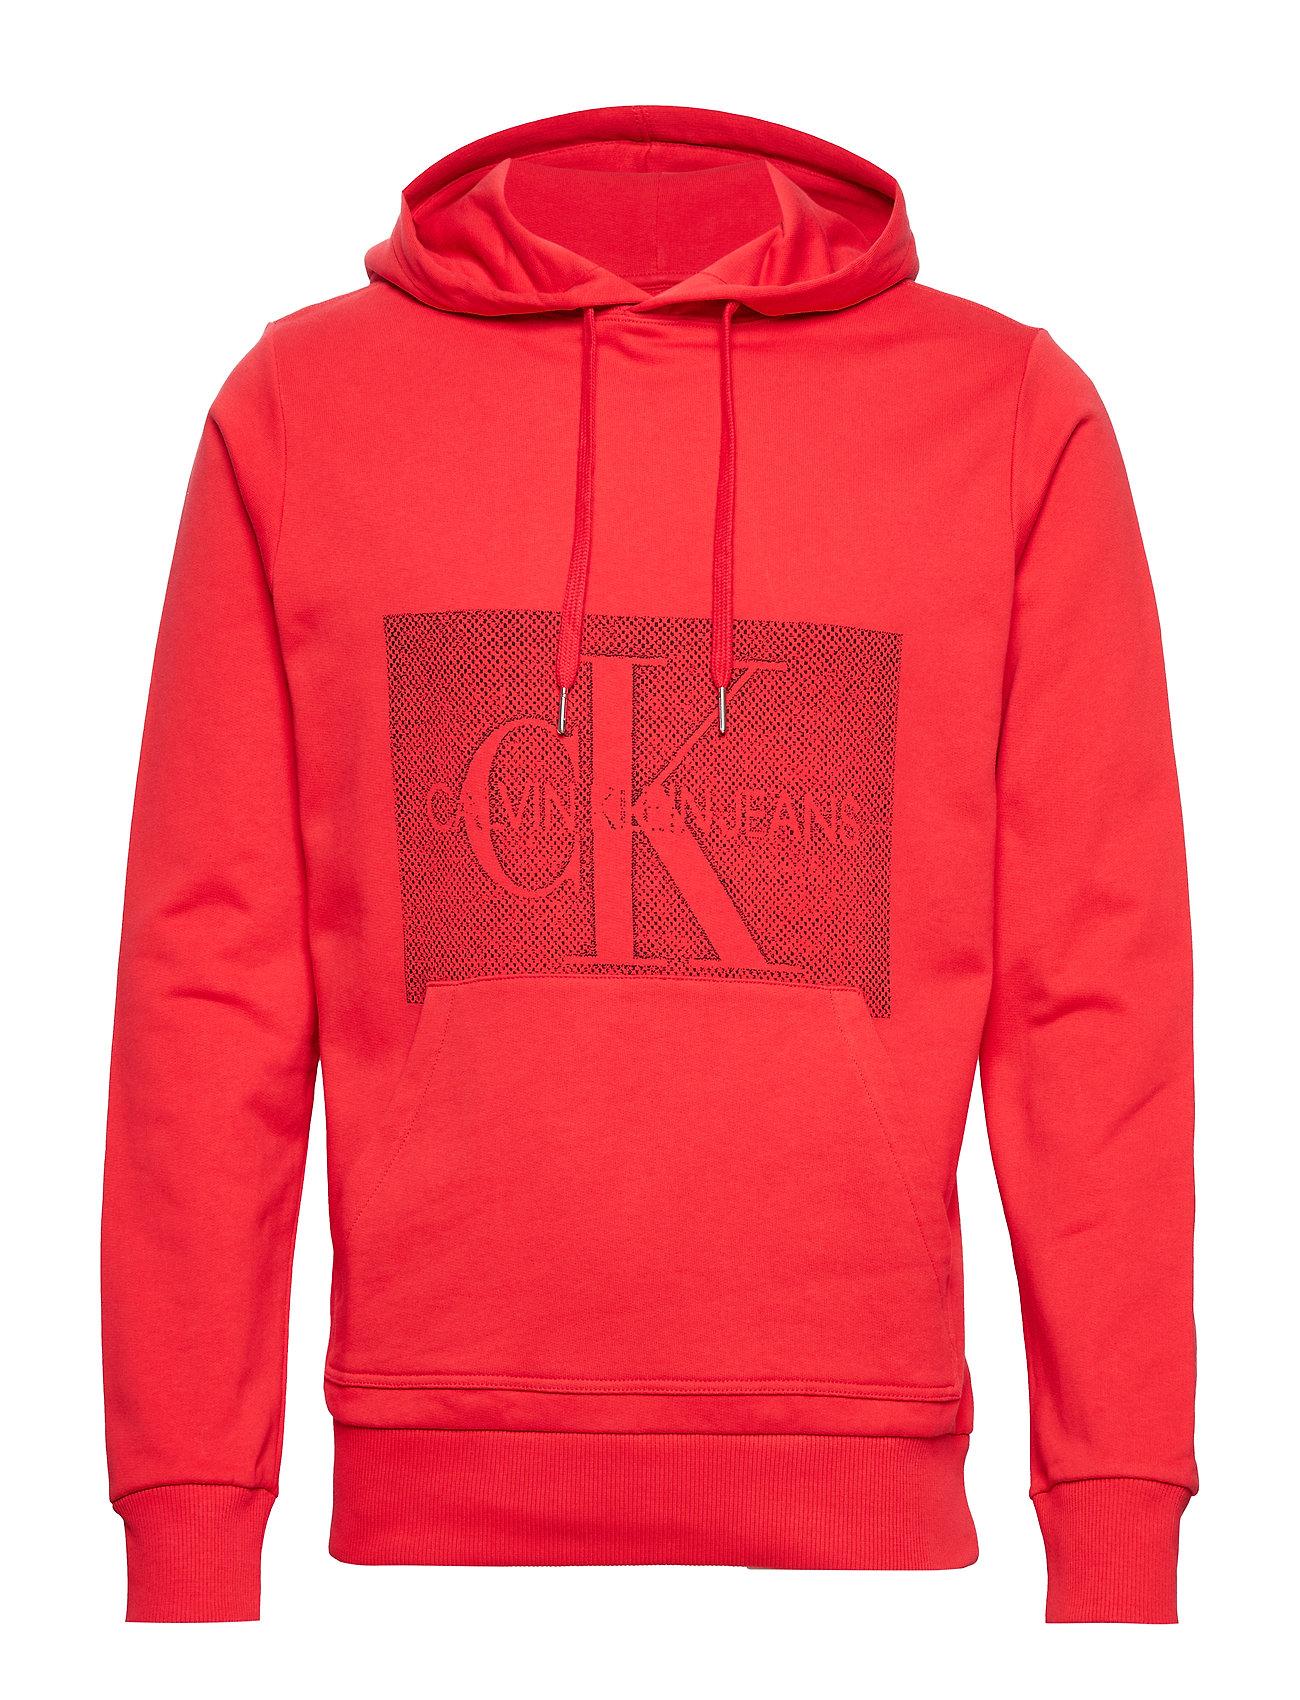 Calvin Klein Jeans OFF PLACED MONOGRAM REG HOODIE - RACING RED